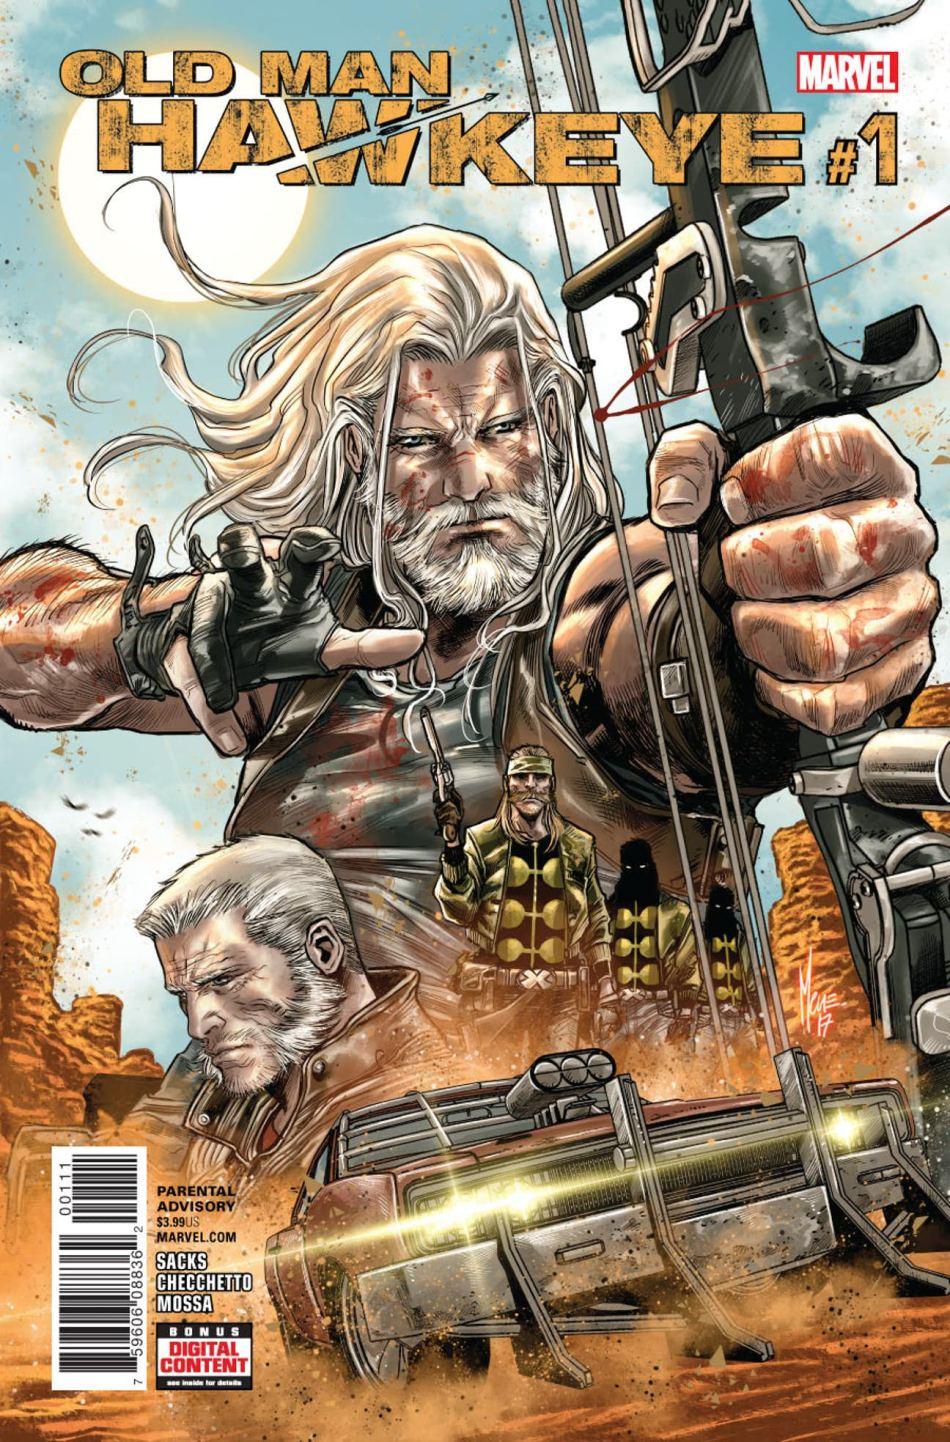 Old_Man_Hawkeye_Vol_1_1.jpg